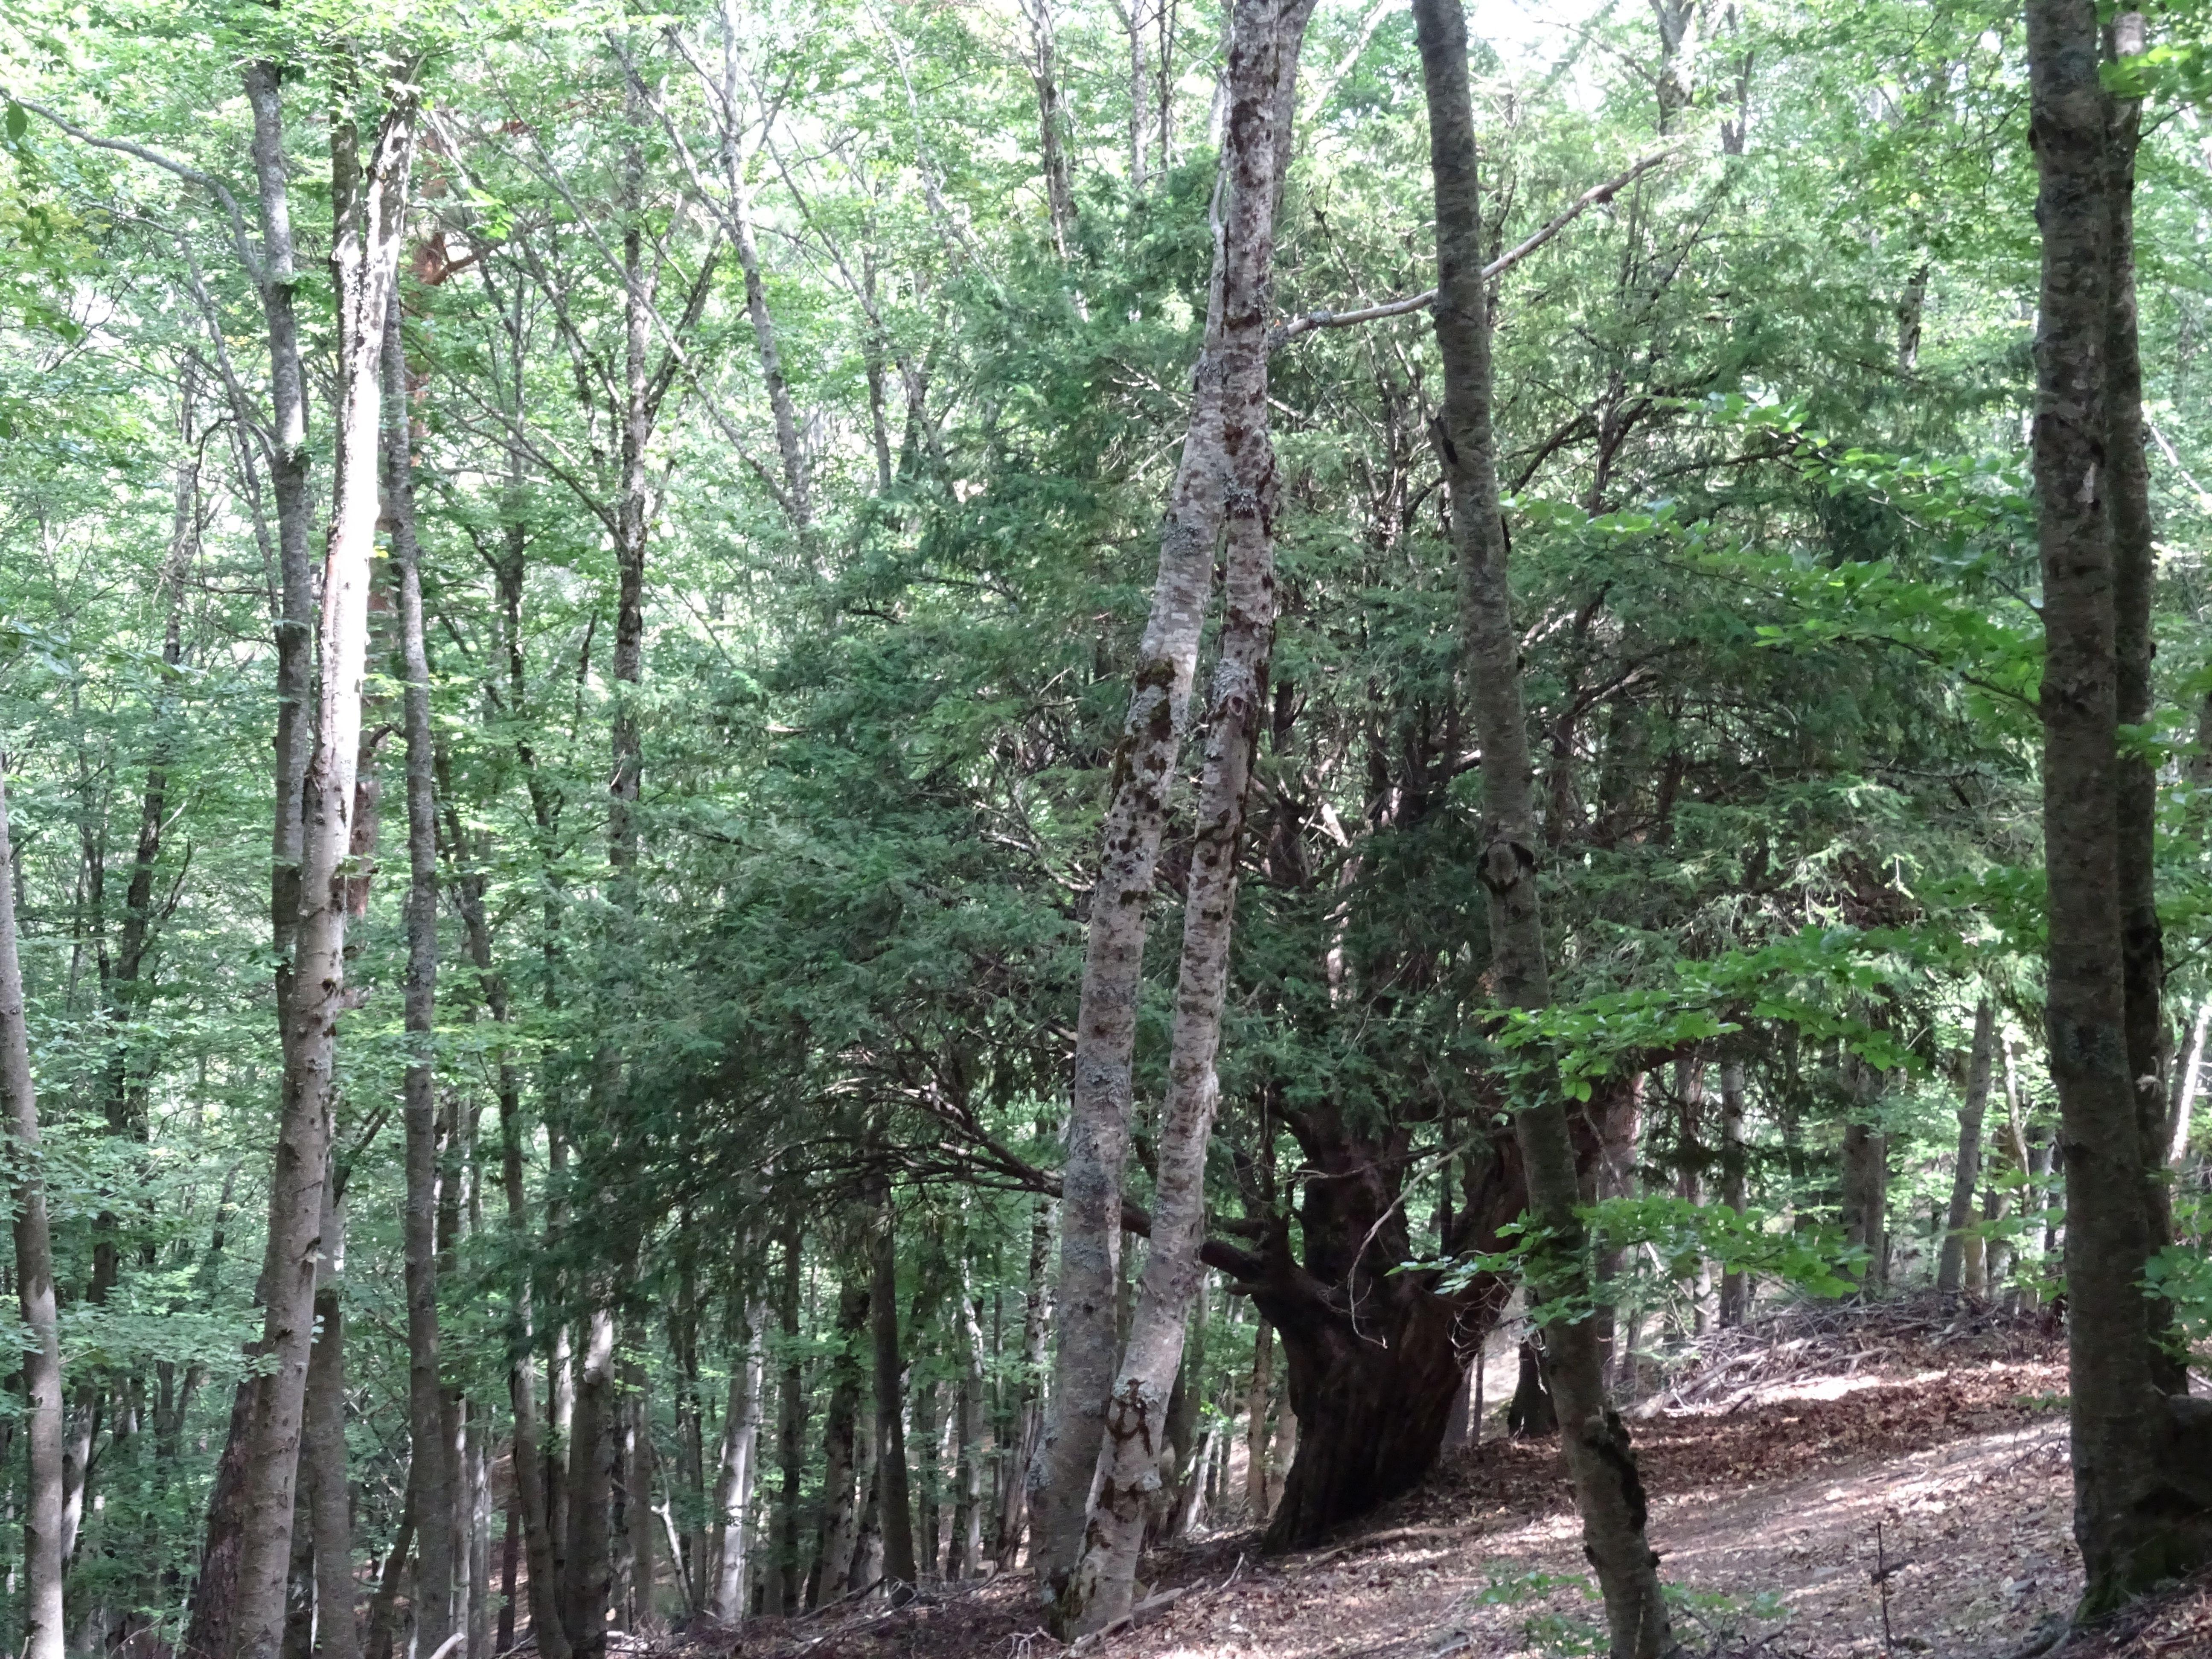 Un tejo aparece entre las hayas, destaca lo oscuro de sus ramas, es un árbol precioso